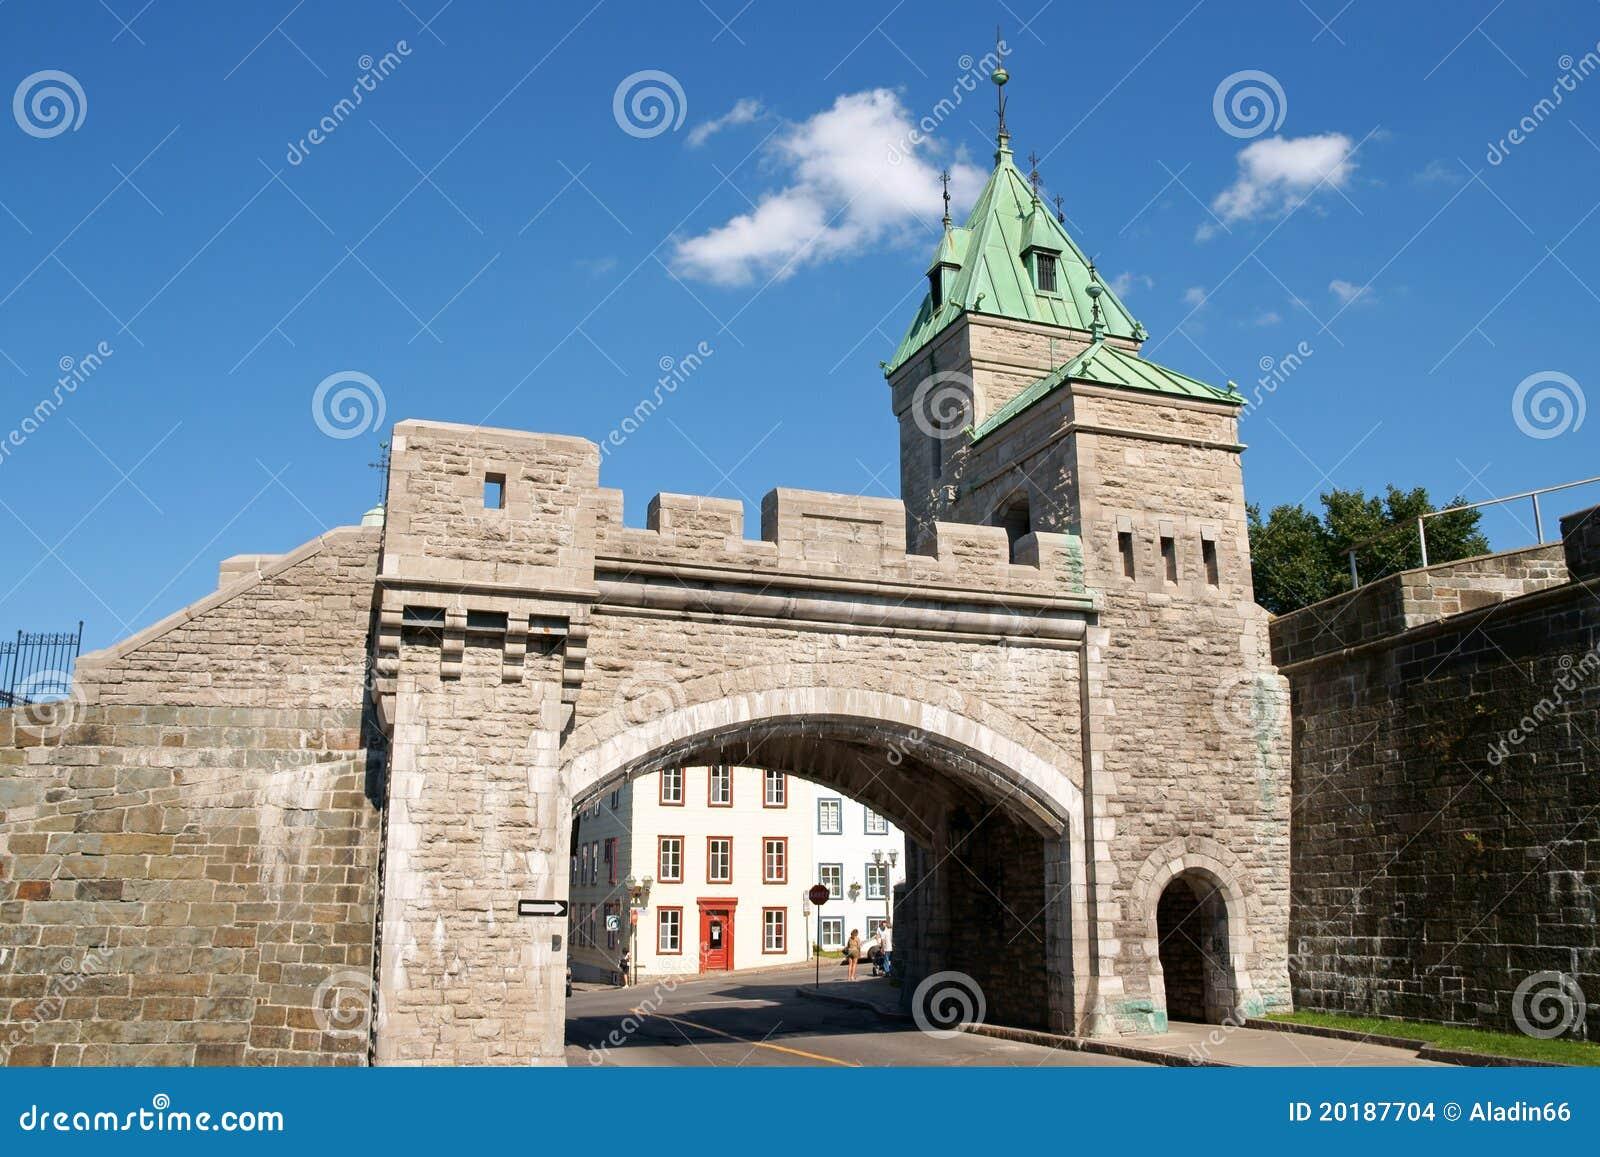 Porte saint louis city gate quebec city stock images for Porte st louis